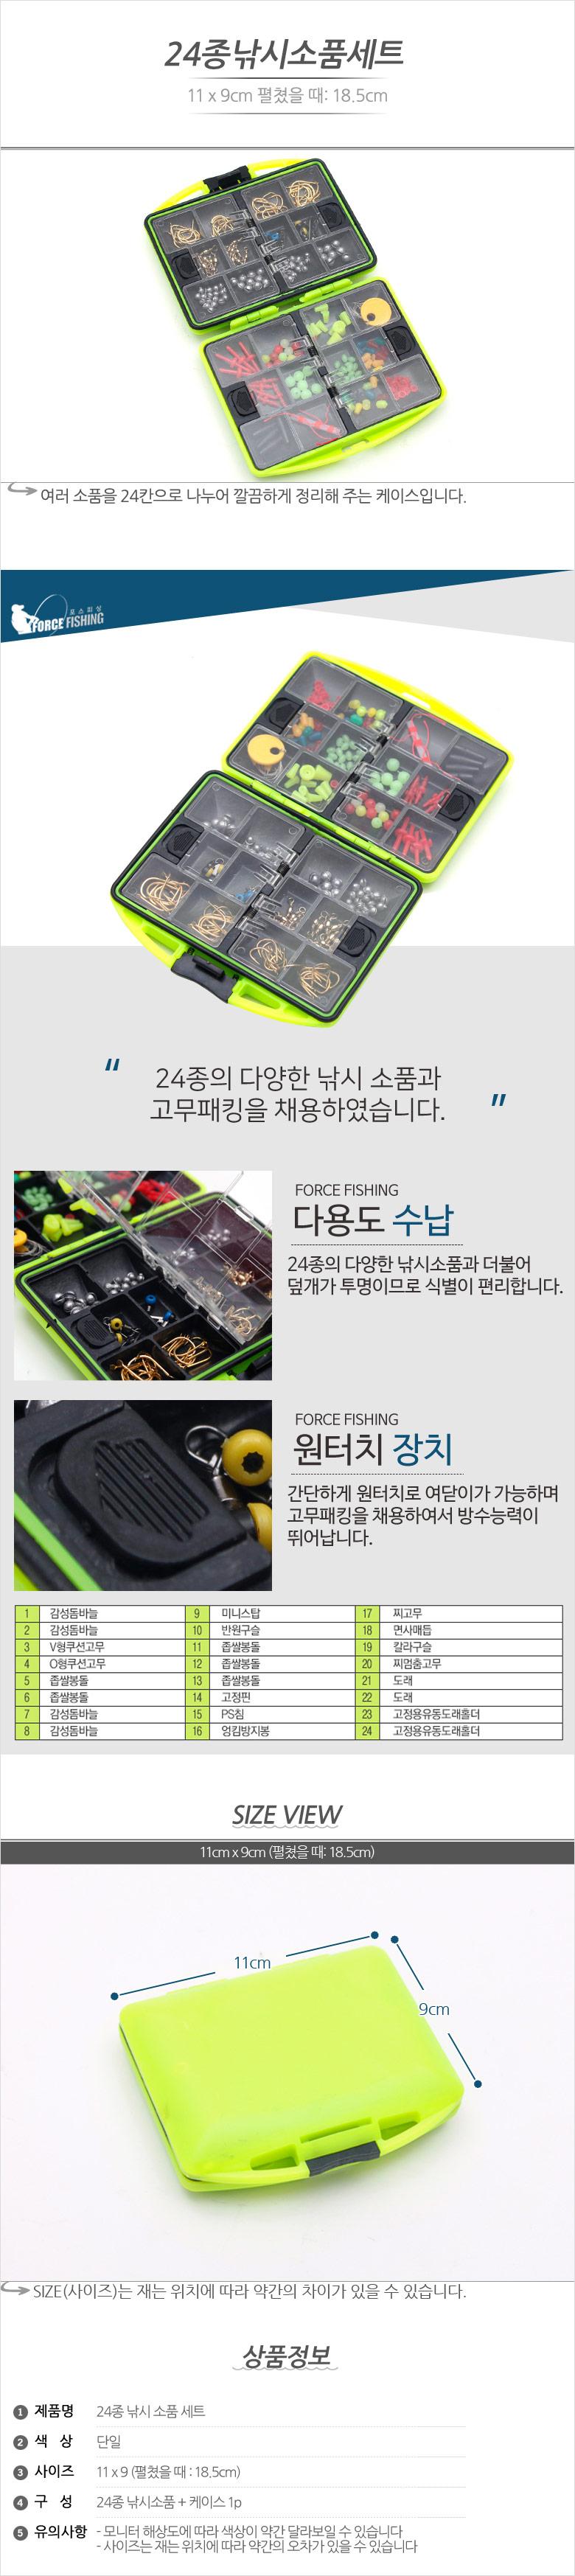 24종 낚시소품세트 박스 채비 수납 - 포스트레이딩, 6,800원, 낚시용품, 바늘